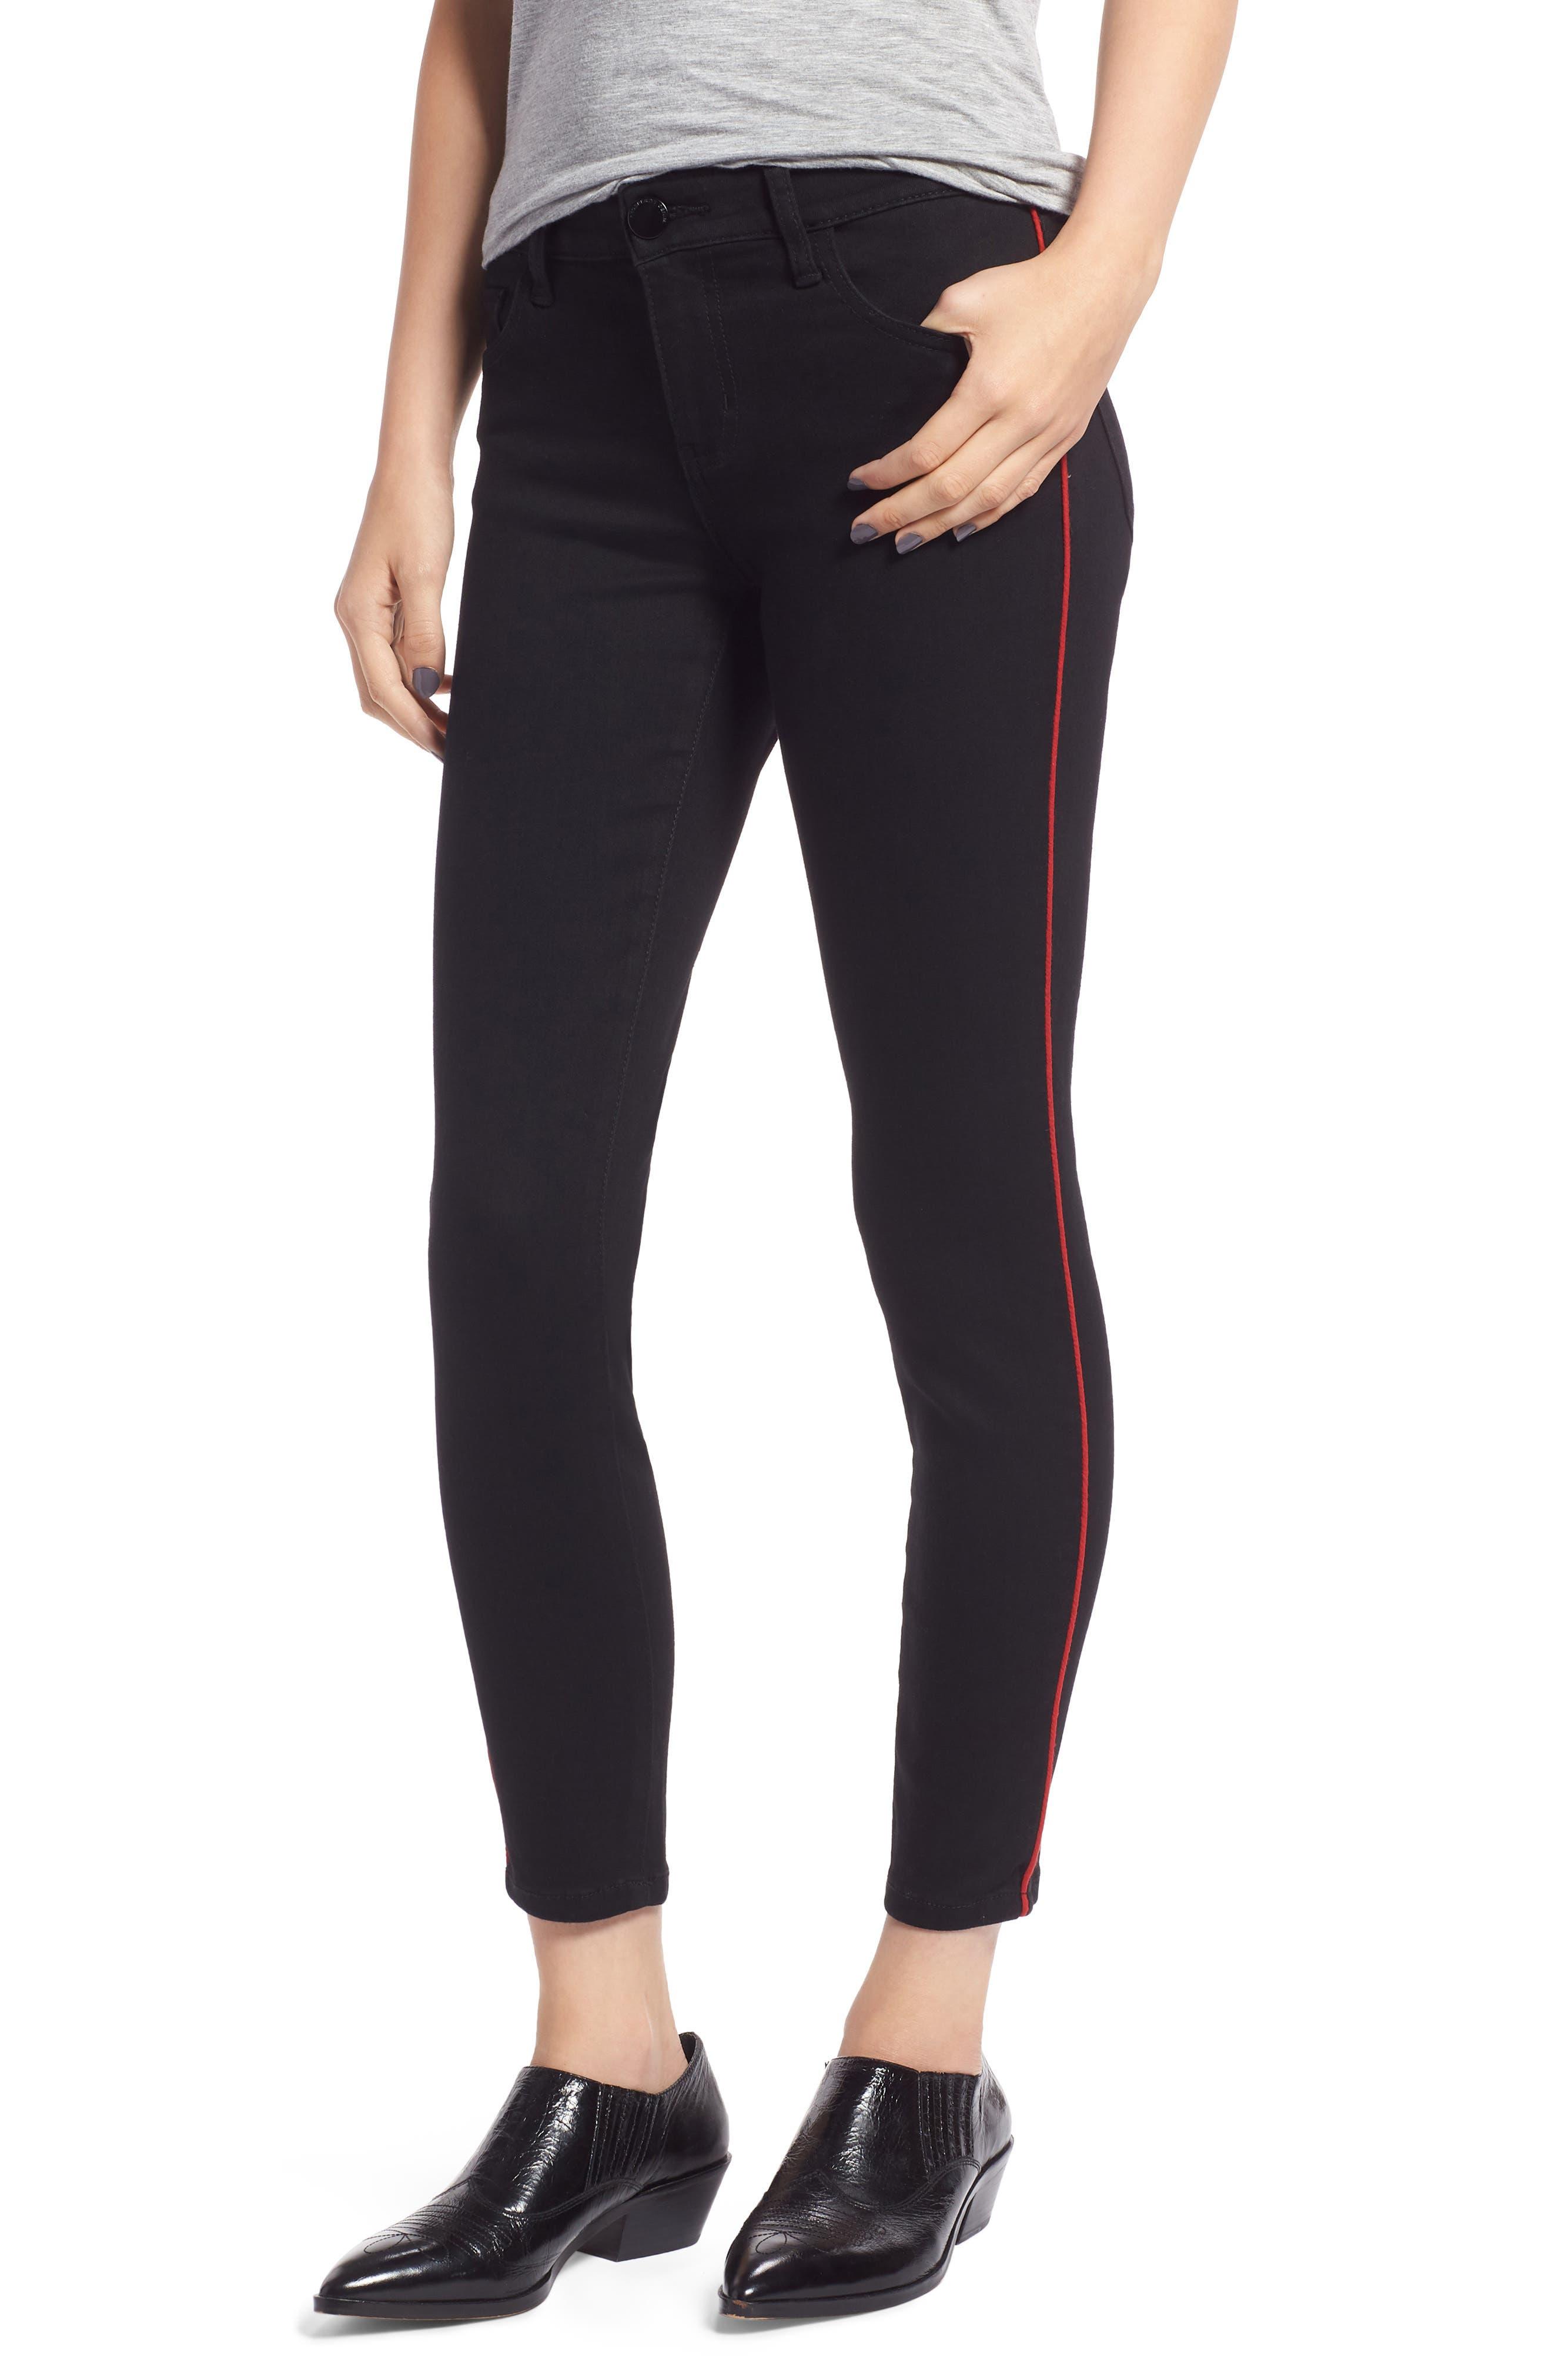 PROSPERITY DENIM Side Stripe Ankle Skinny Jeans, Main, color, BLACK